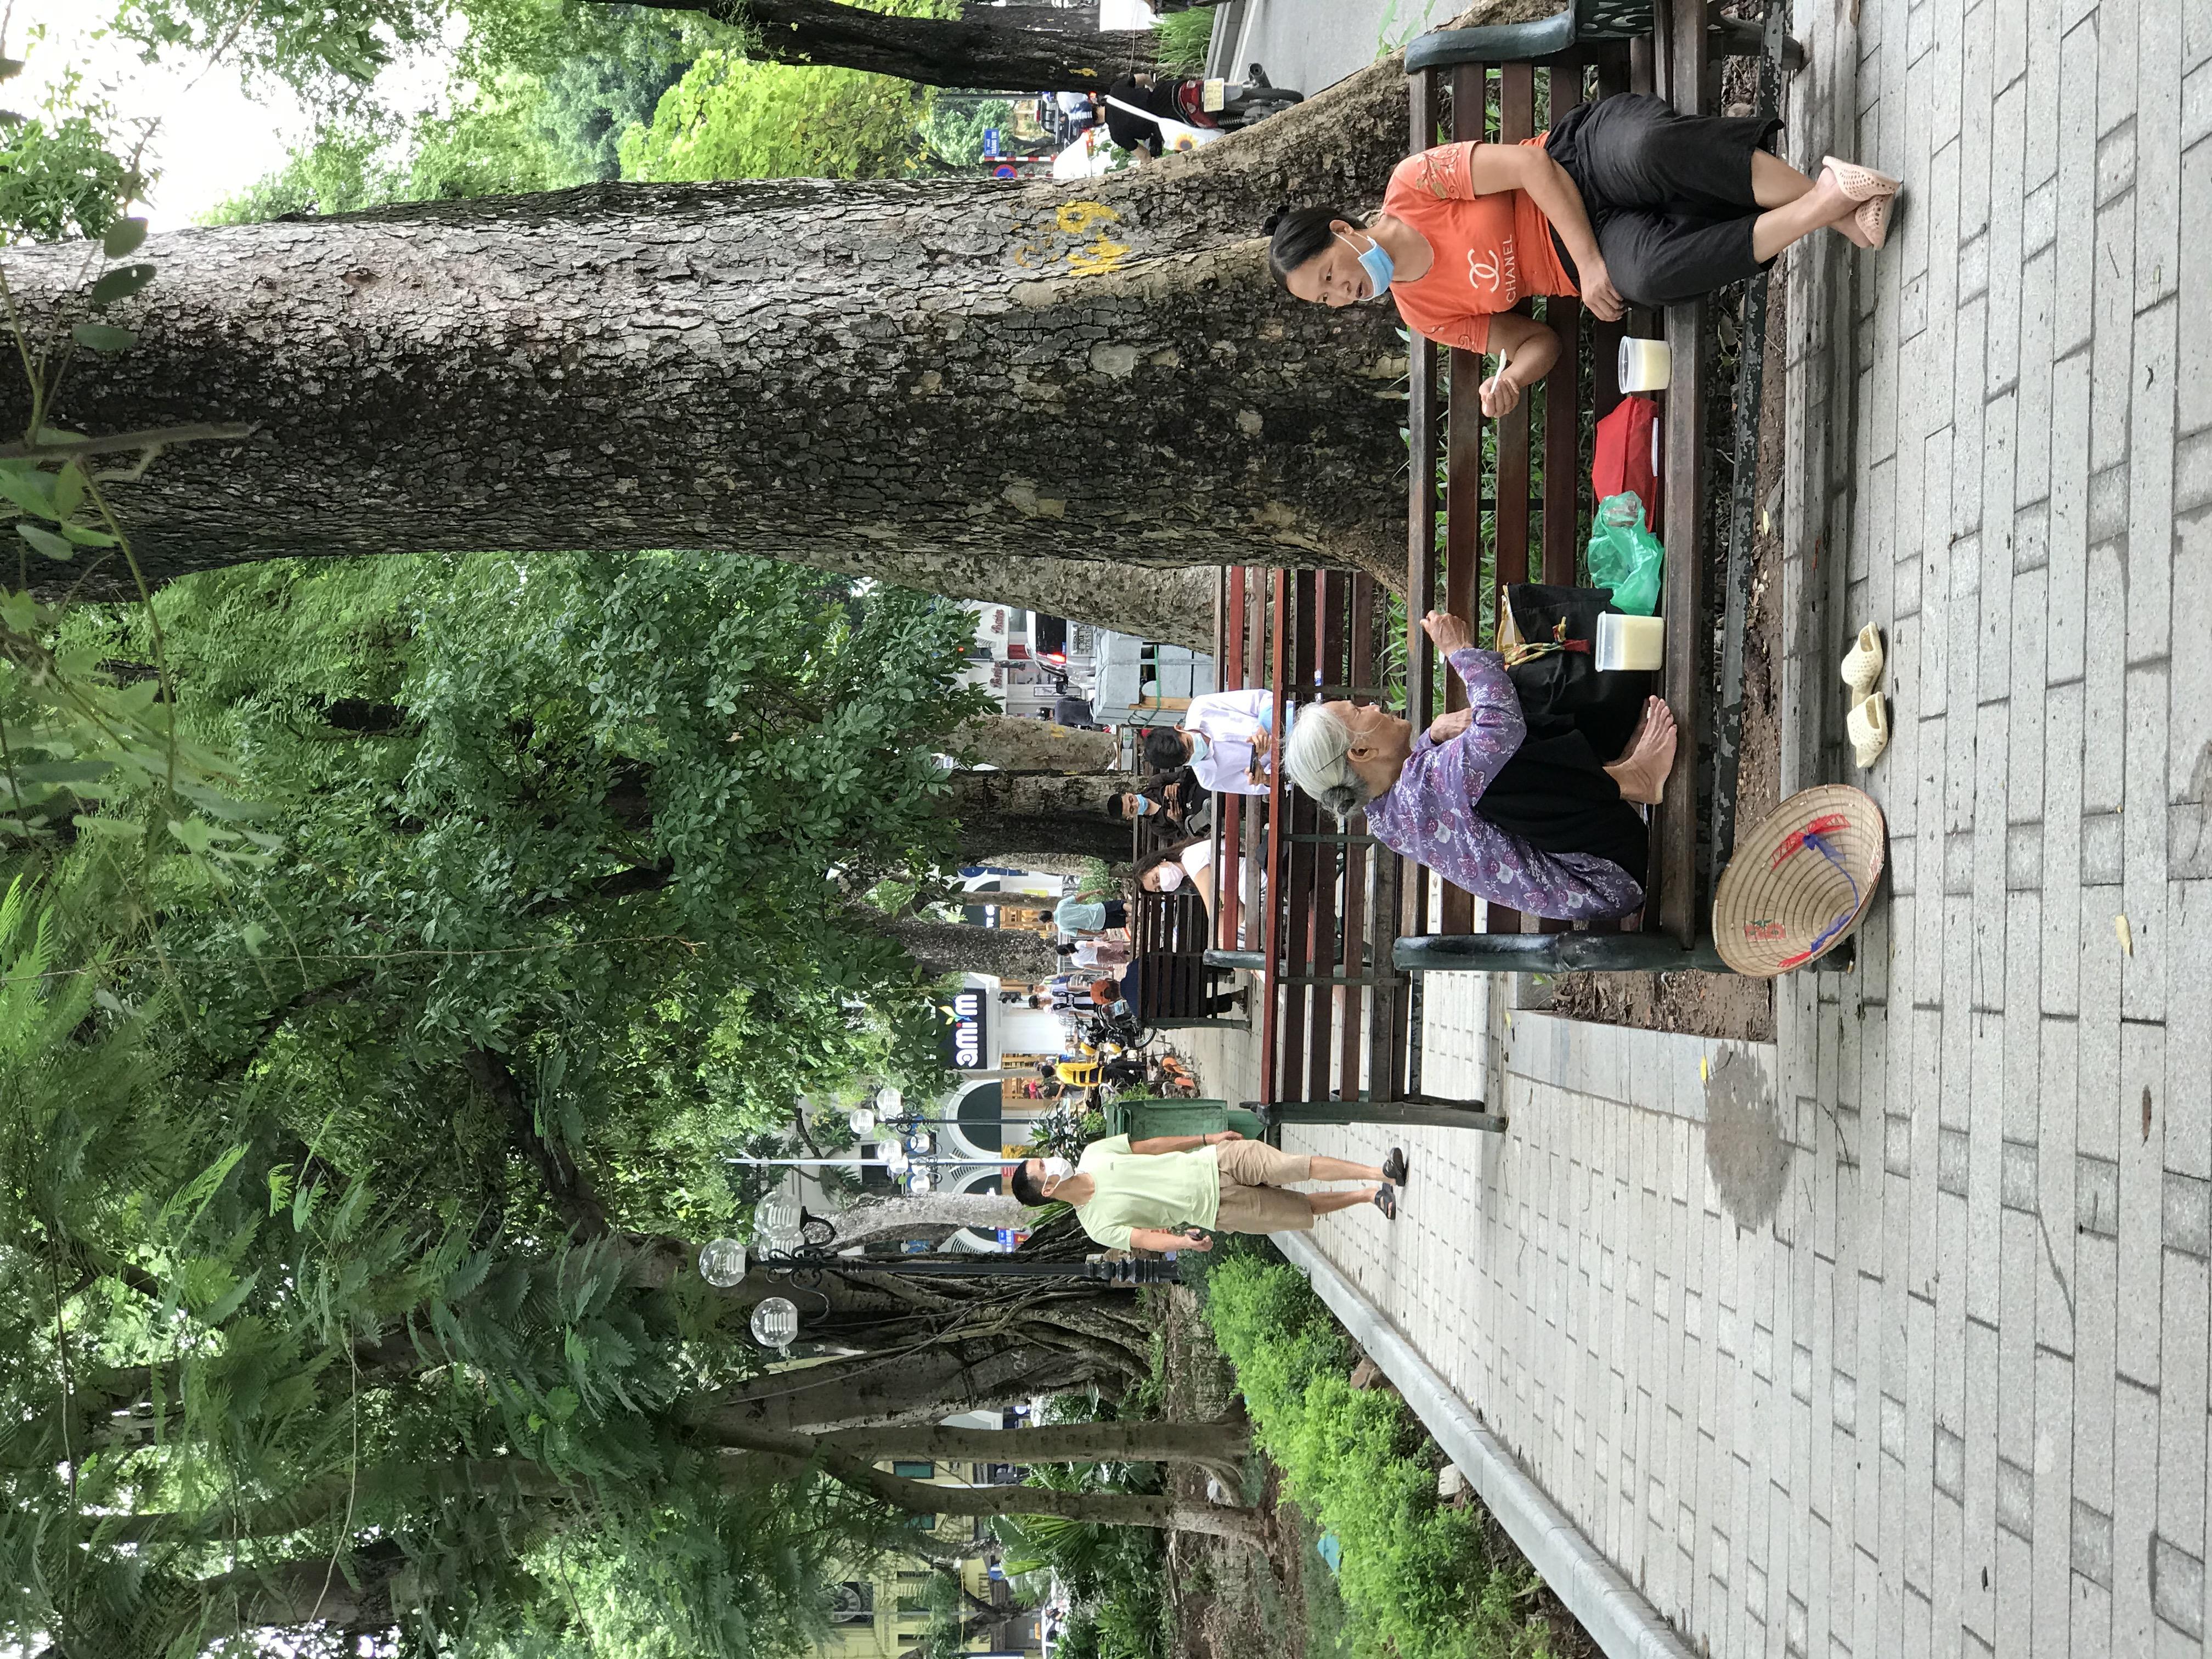 Người dân đeo khẩu trang đi tập thể dục bên Hồ Gươm. Ảnh: Thư Hoàng.